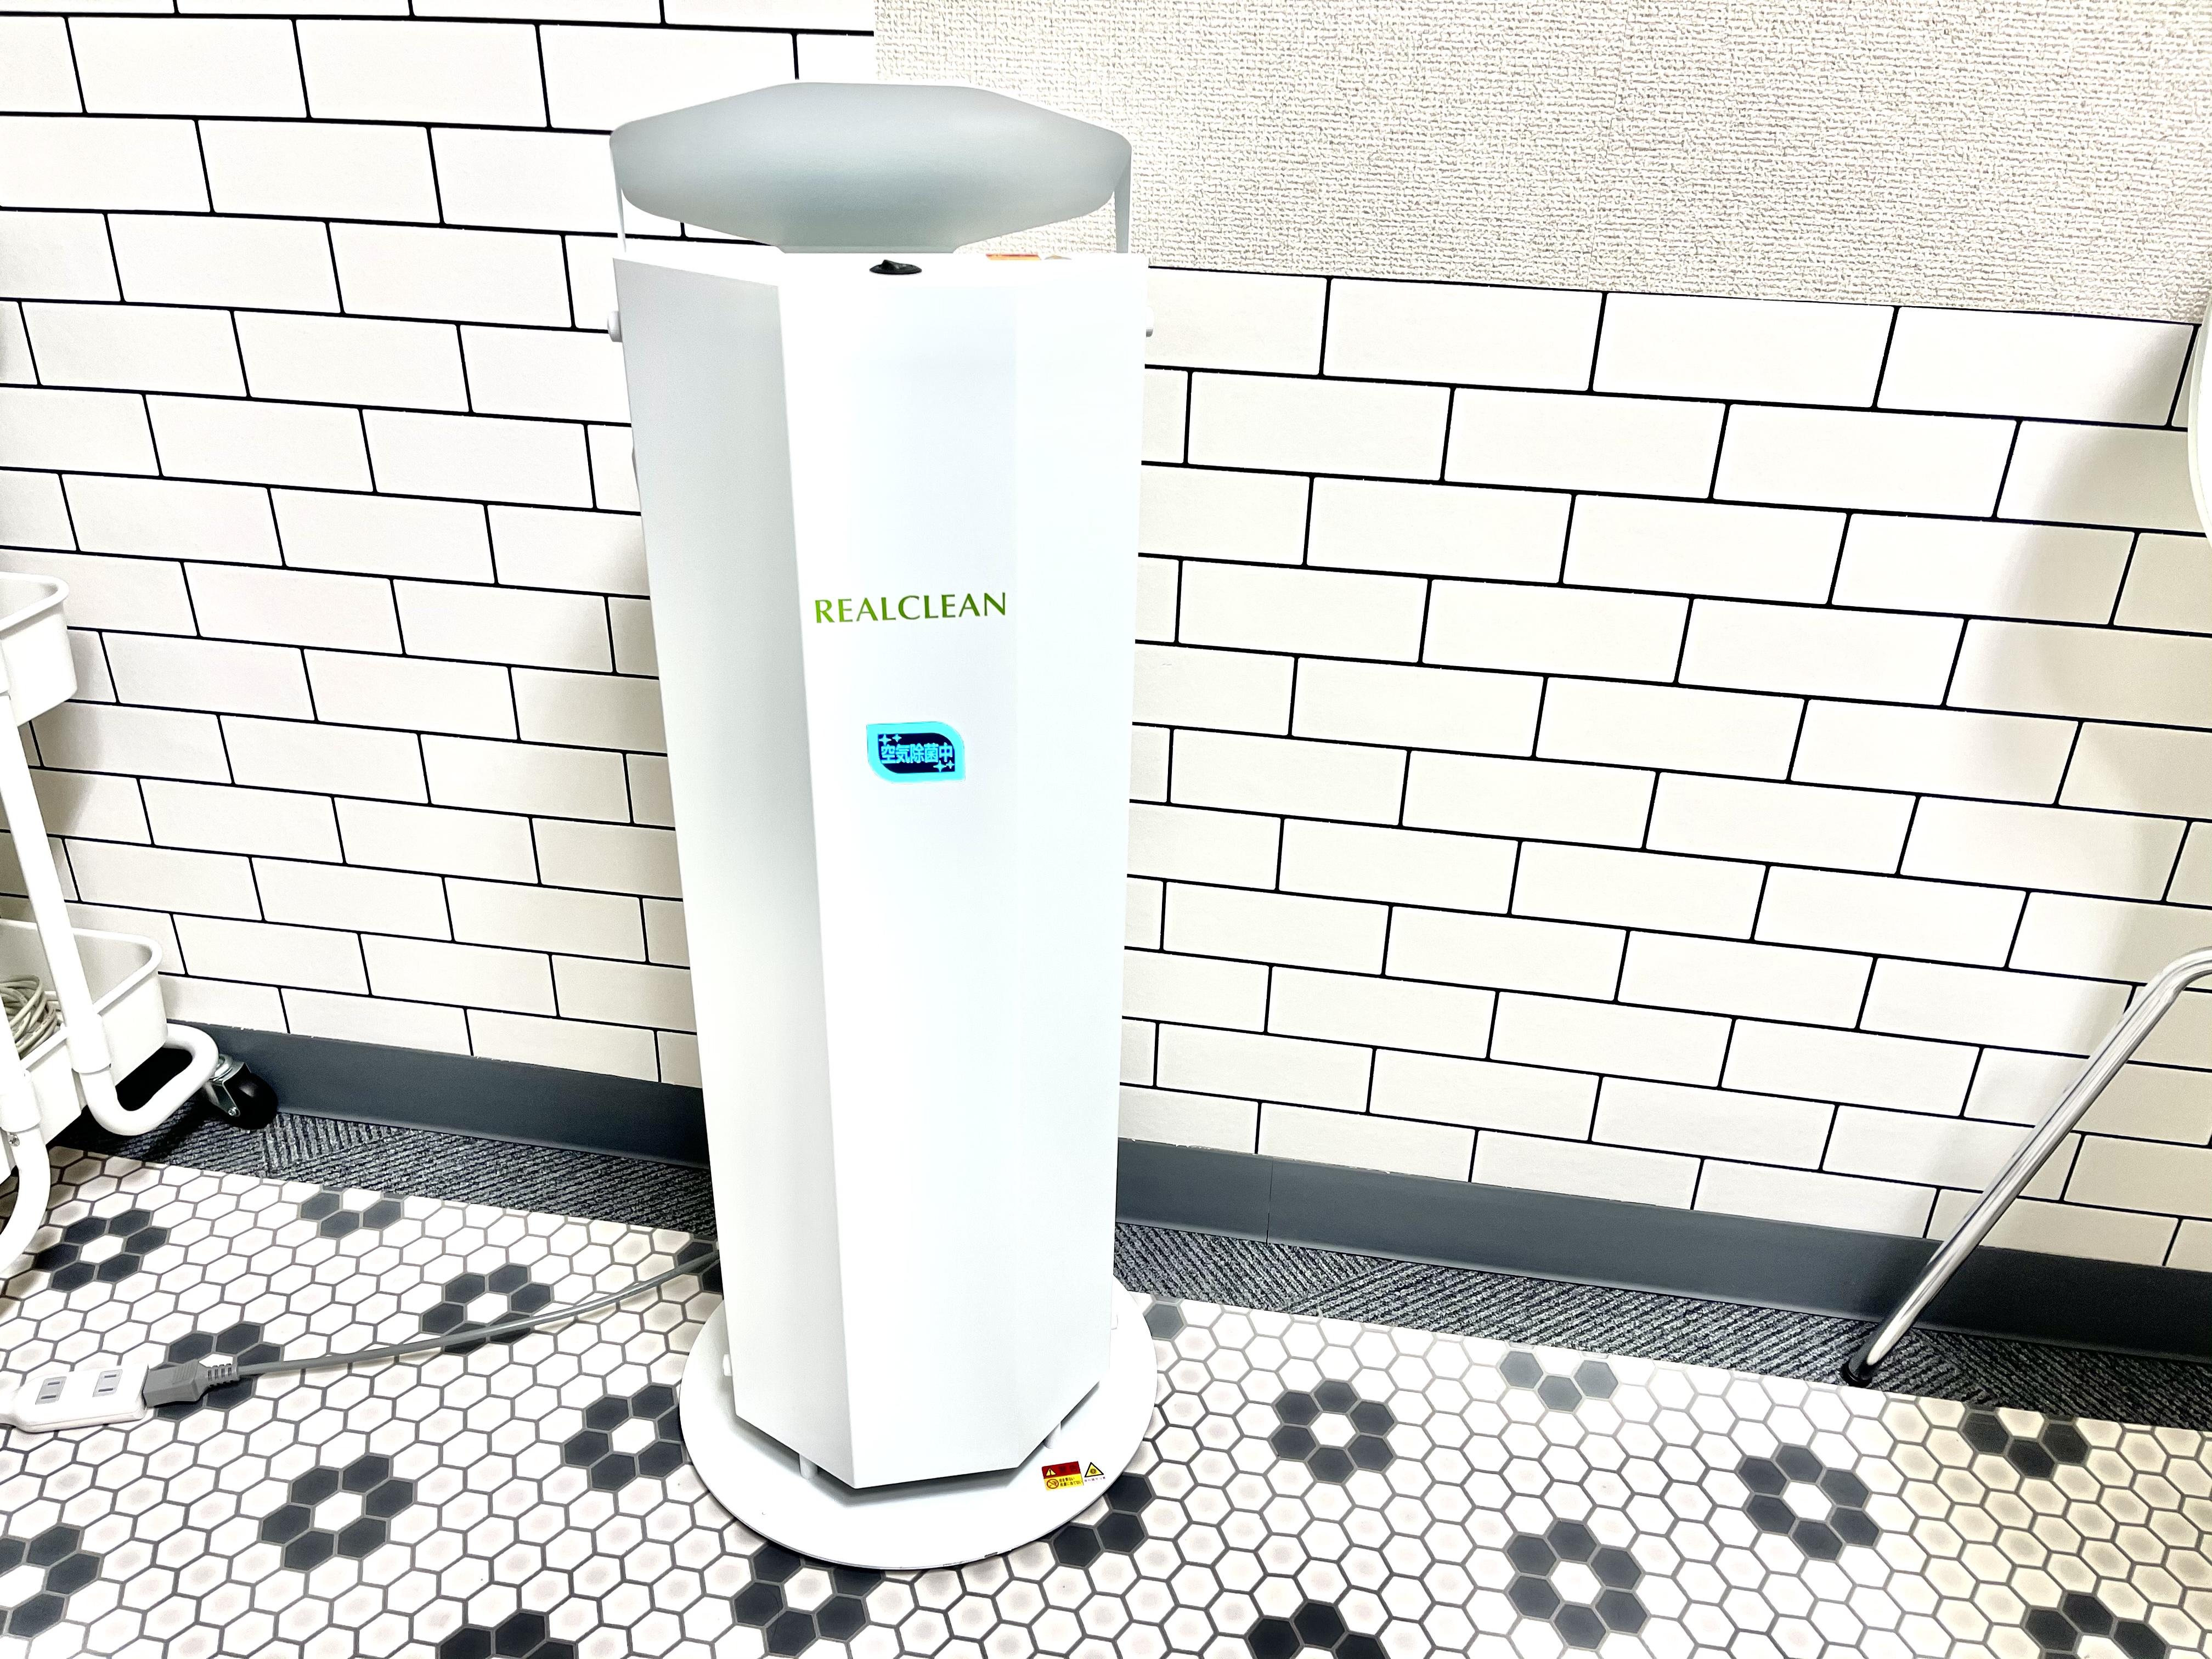 紫外線除菌の空気清浄機設置。 クリーンな空間を保ちます。 - トレーズ@名駅 レンタルサロン、レンタルスペースの室内の写真